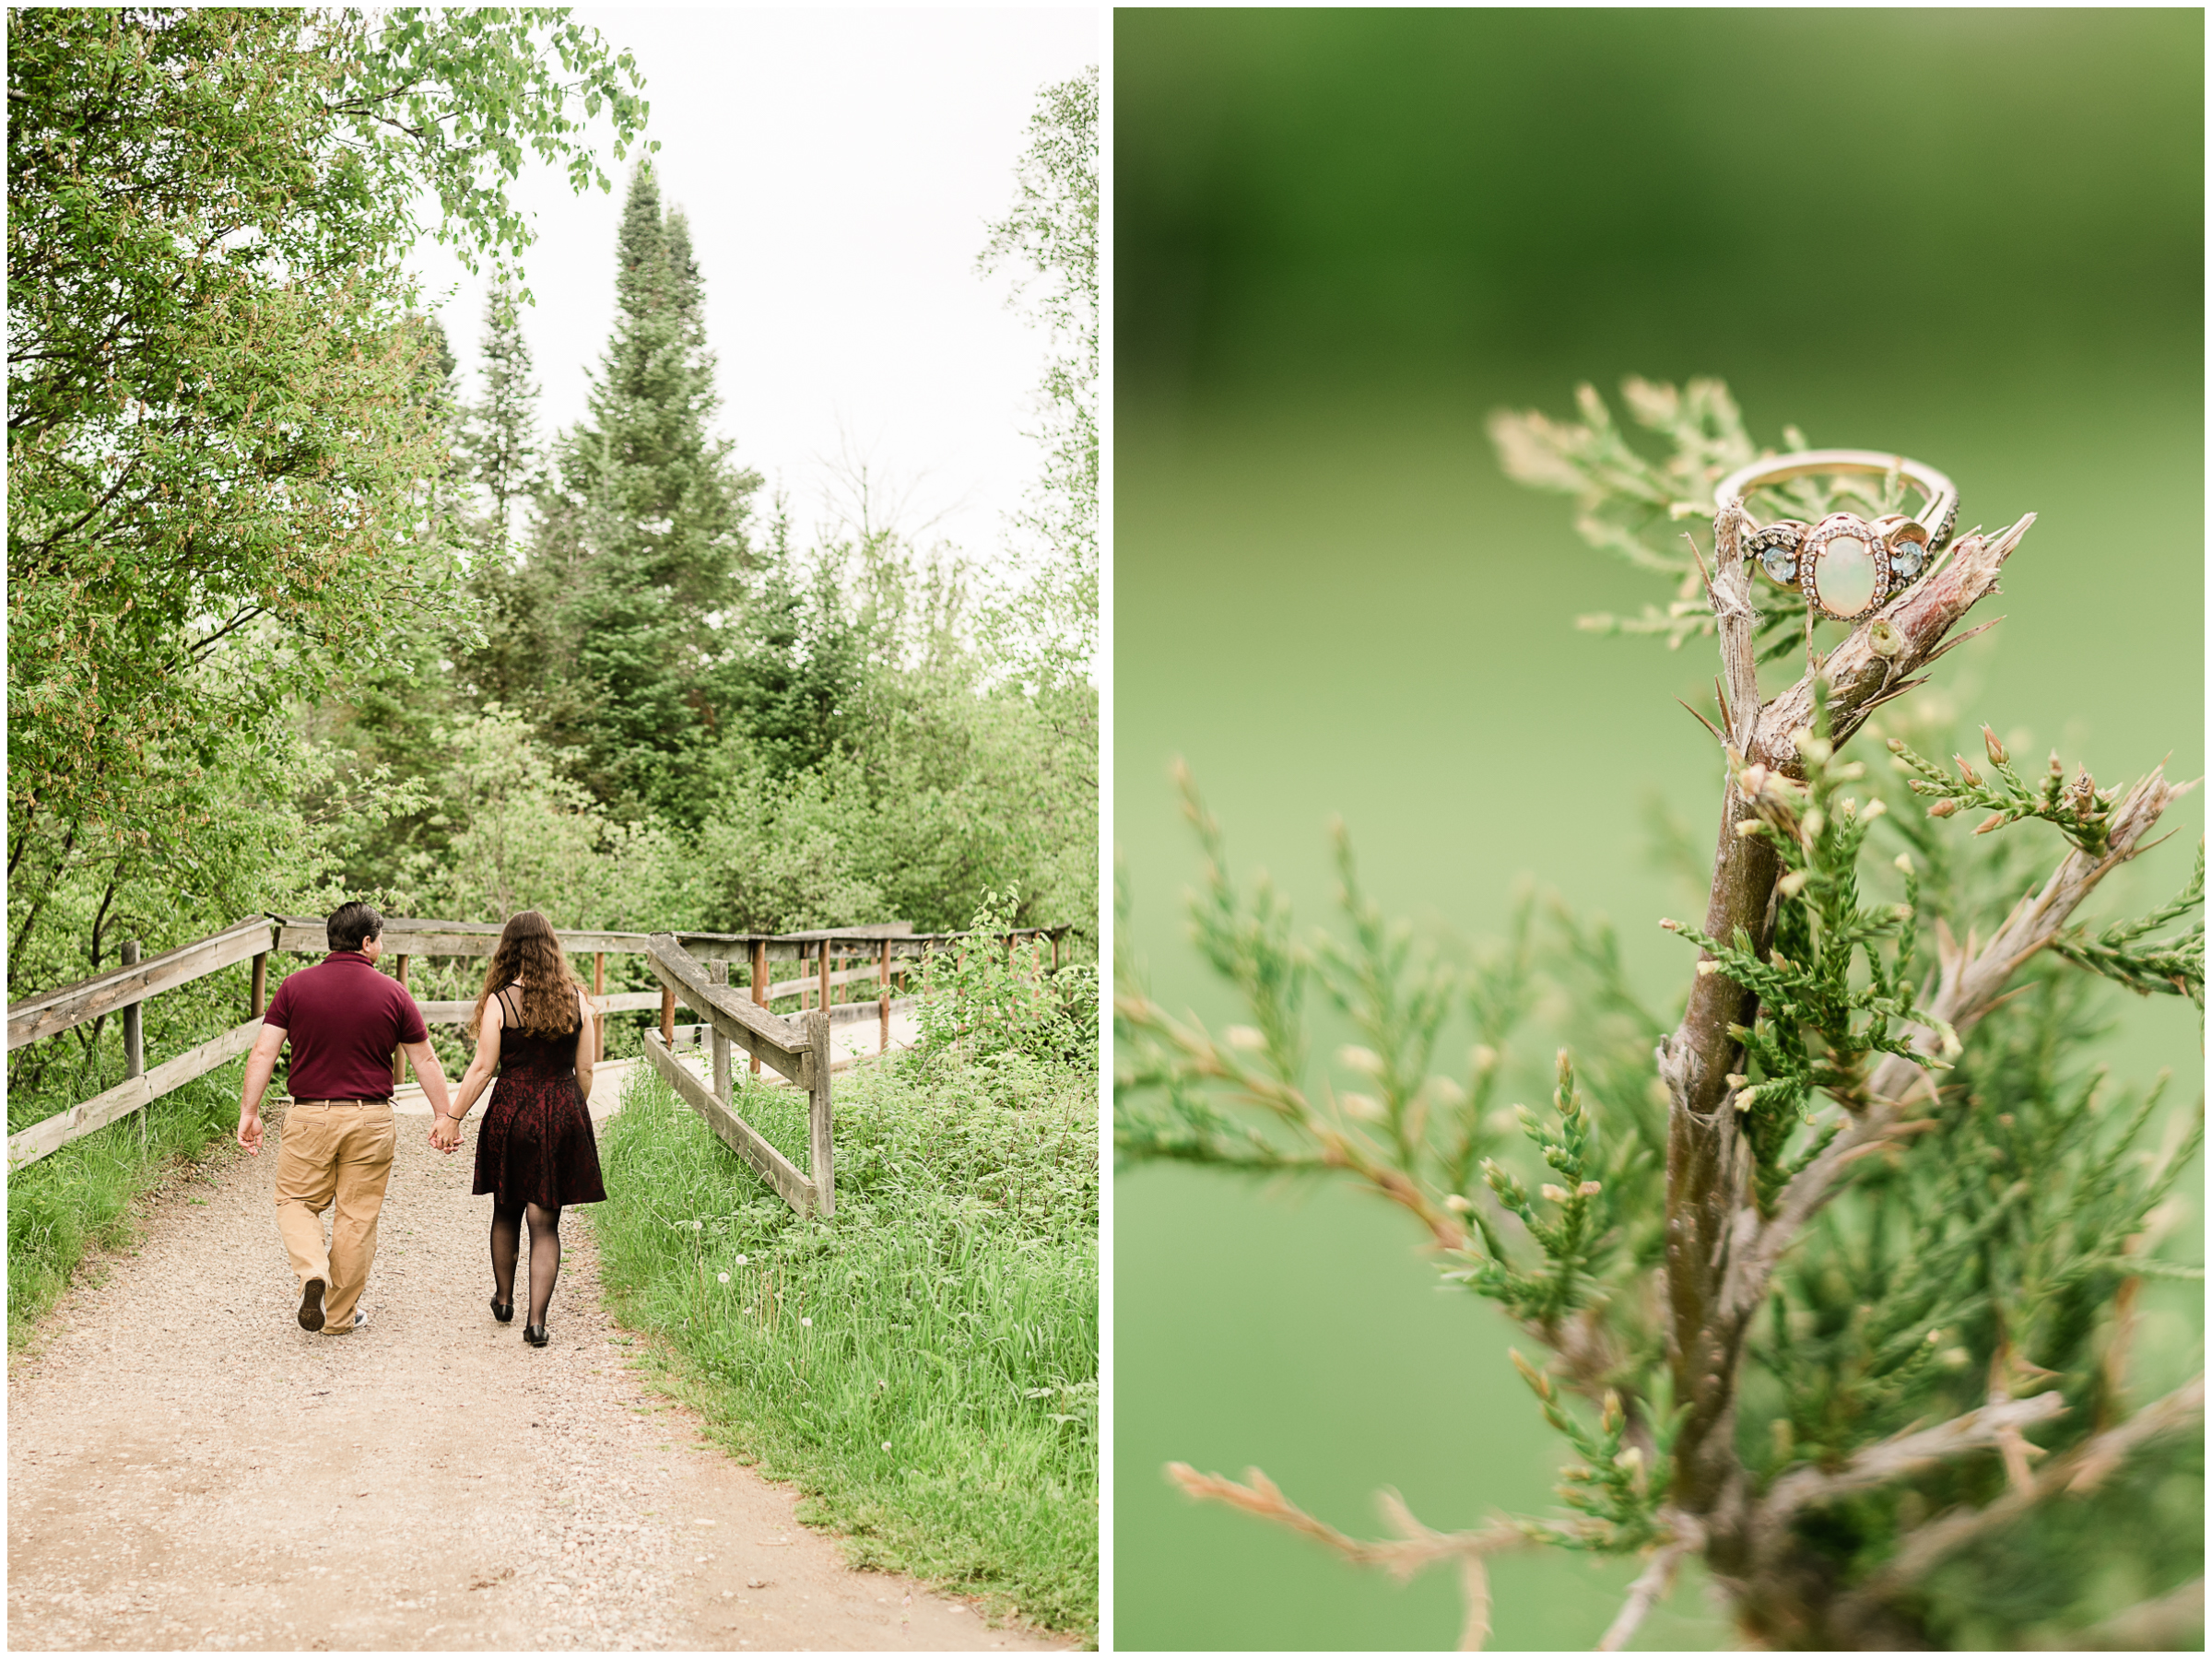 minocqua-wisconsin-harshaw-wedding-engagement-family-senior-photographer-photography-rhinelander-eagle-river1.jpg